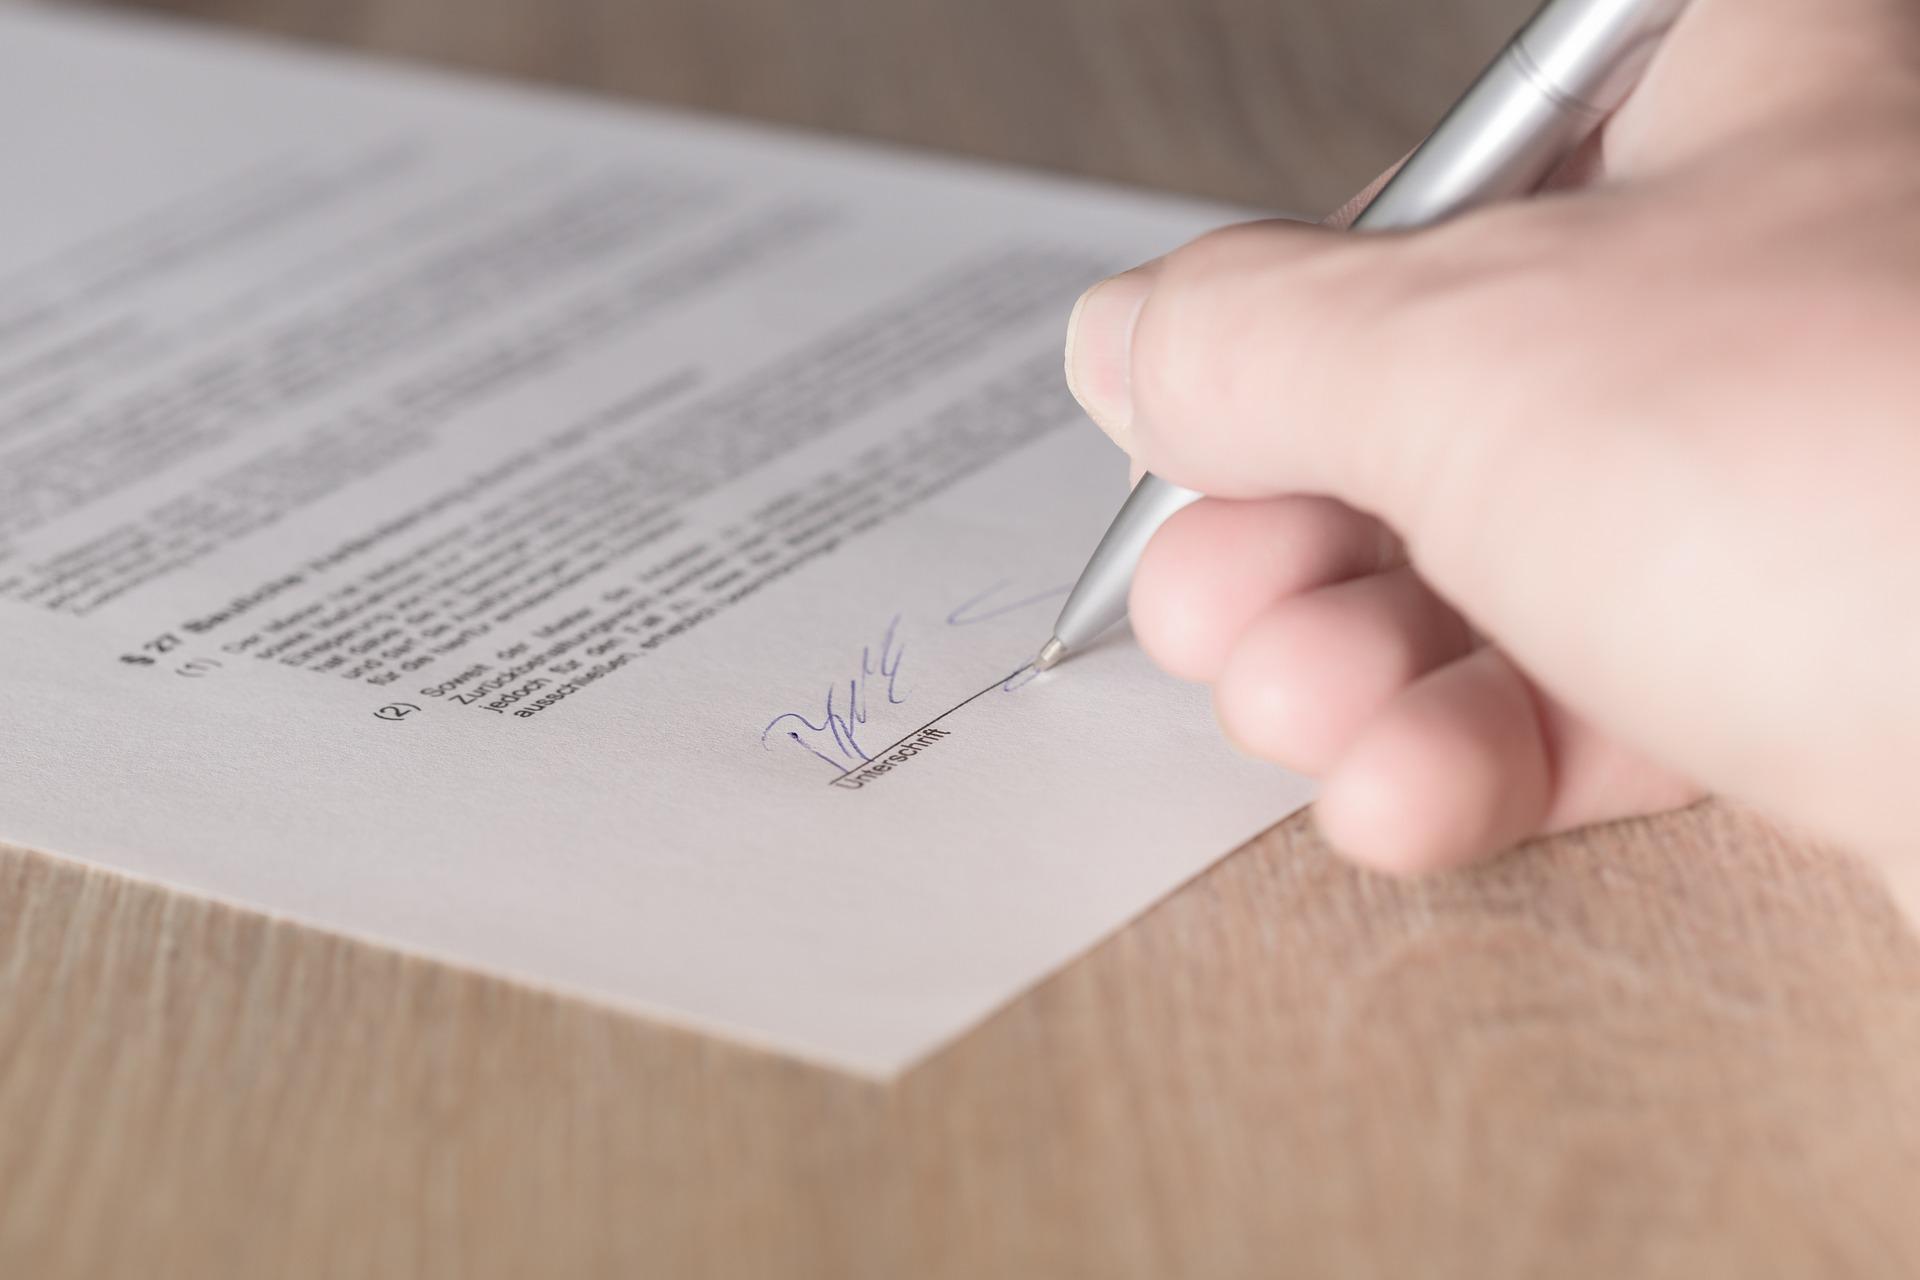 Registrar marcas y registro de marca